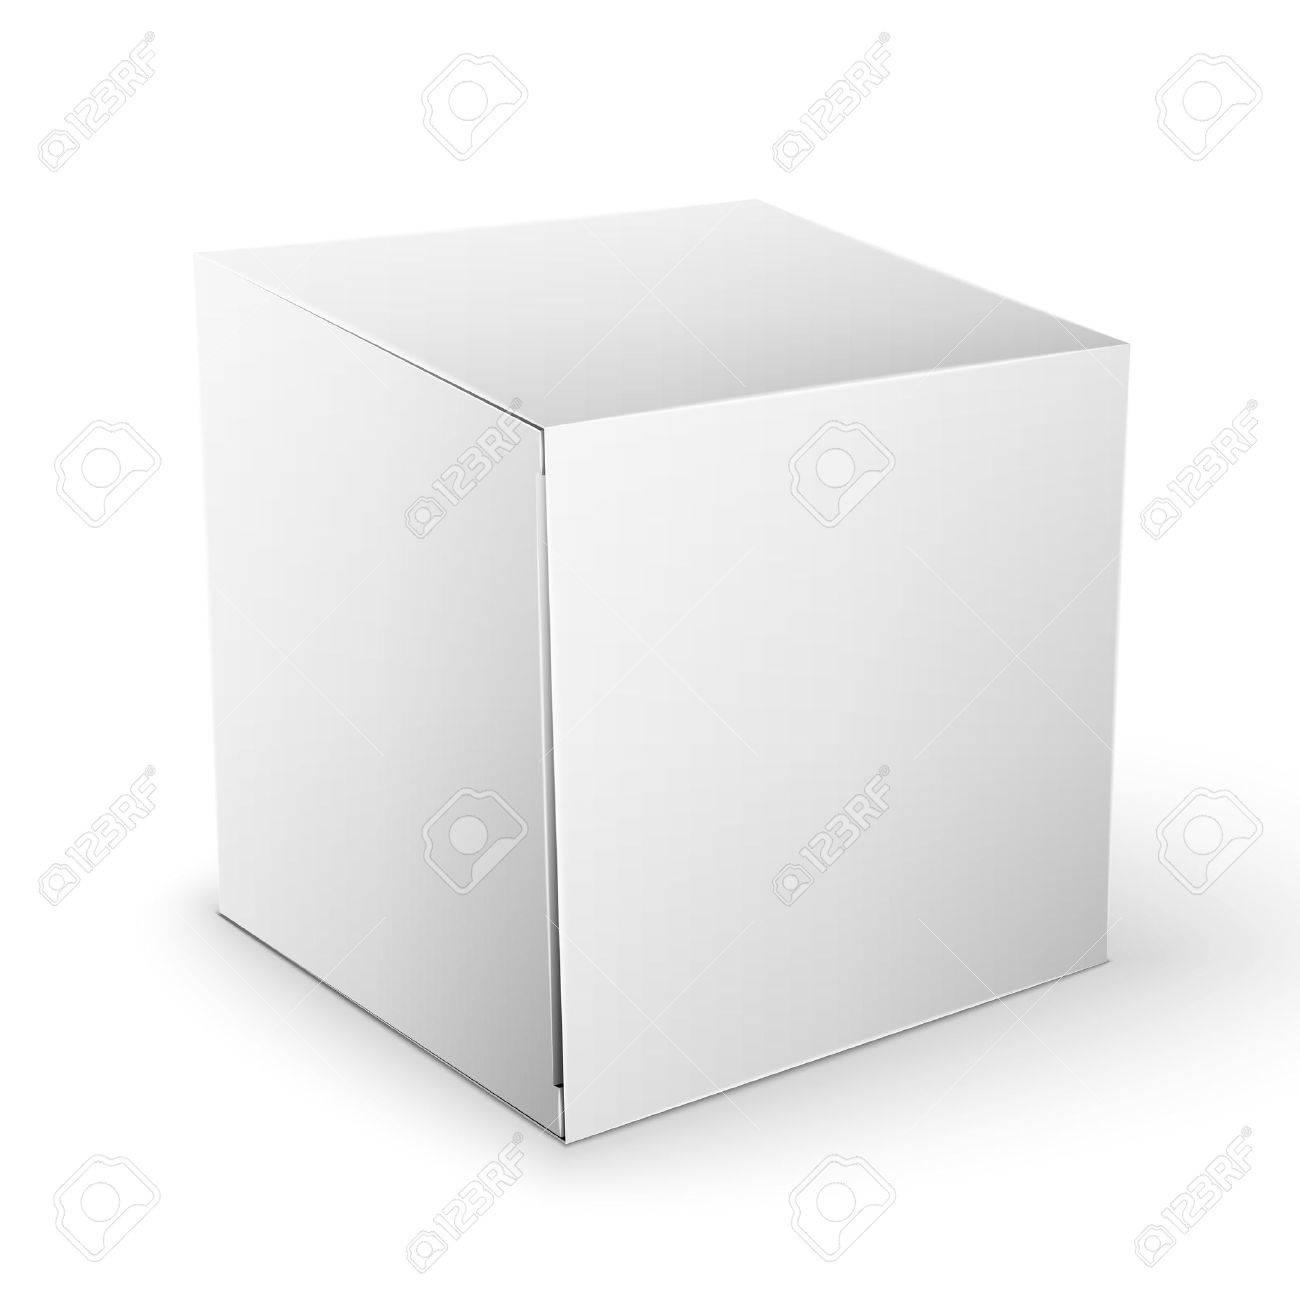 Innenarchitektur Mypaketkasten Das Beste Von Weiß Artikel Psuperbe Quadrat-paket-kasten Standard-bild - 36647187